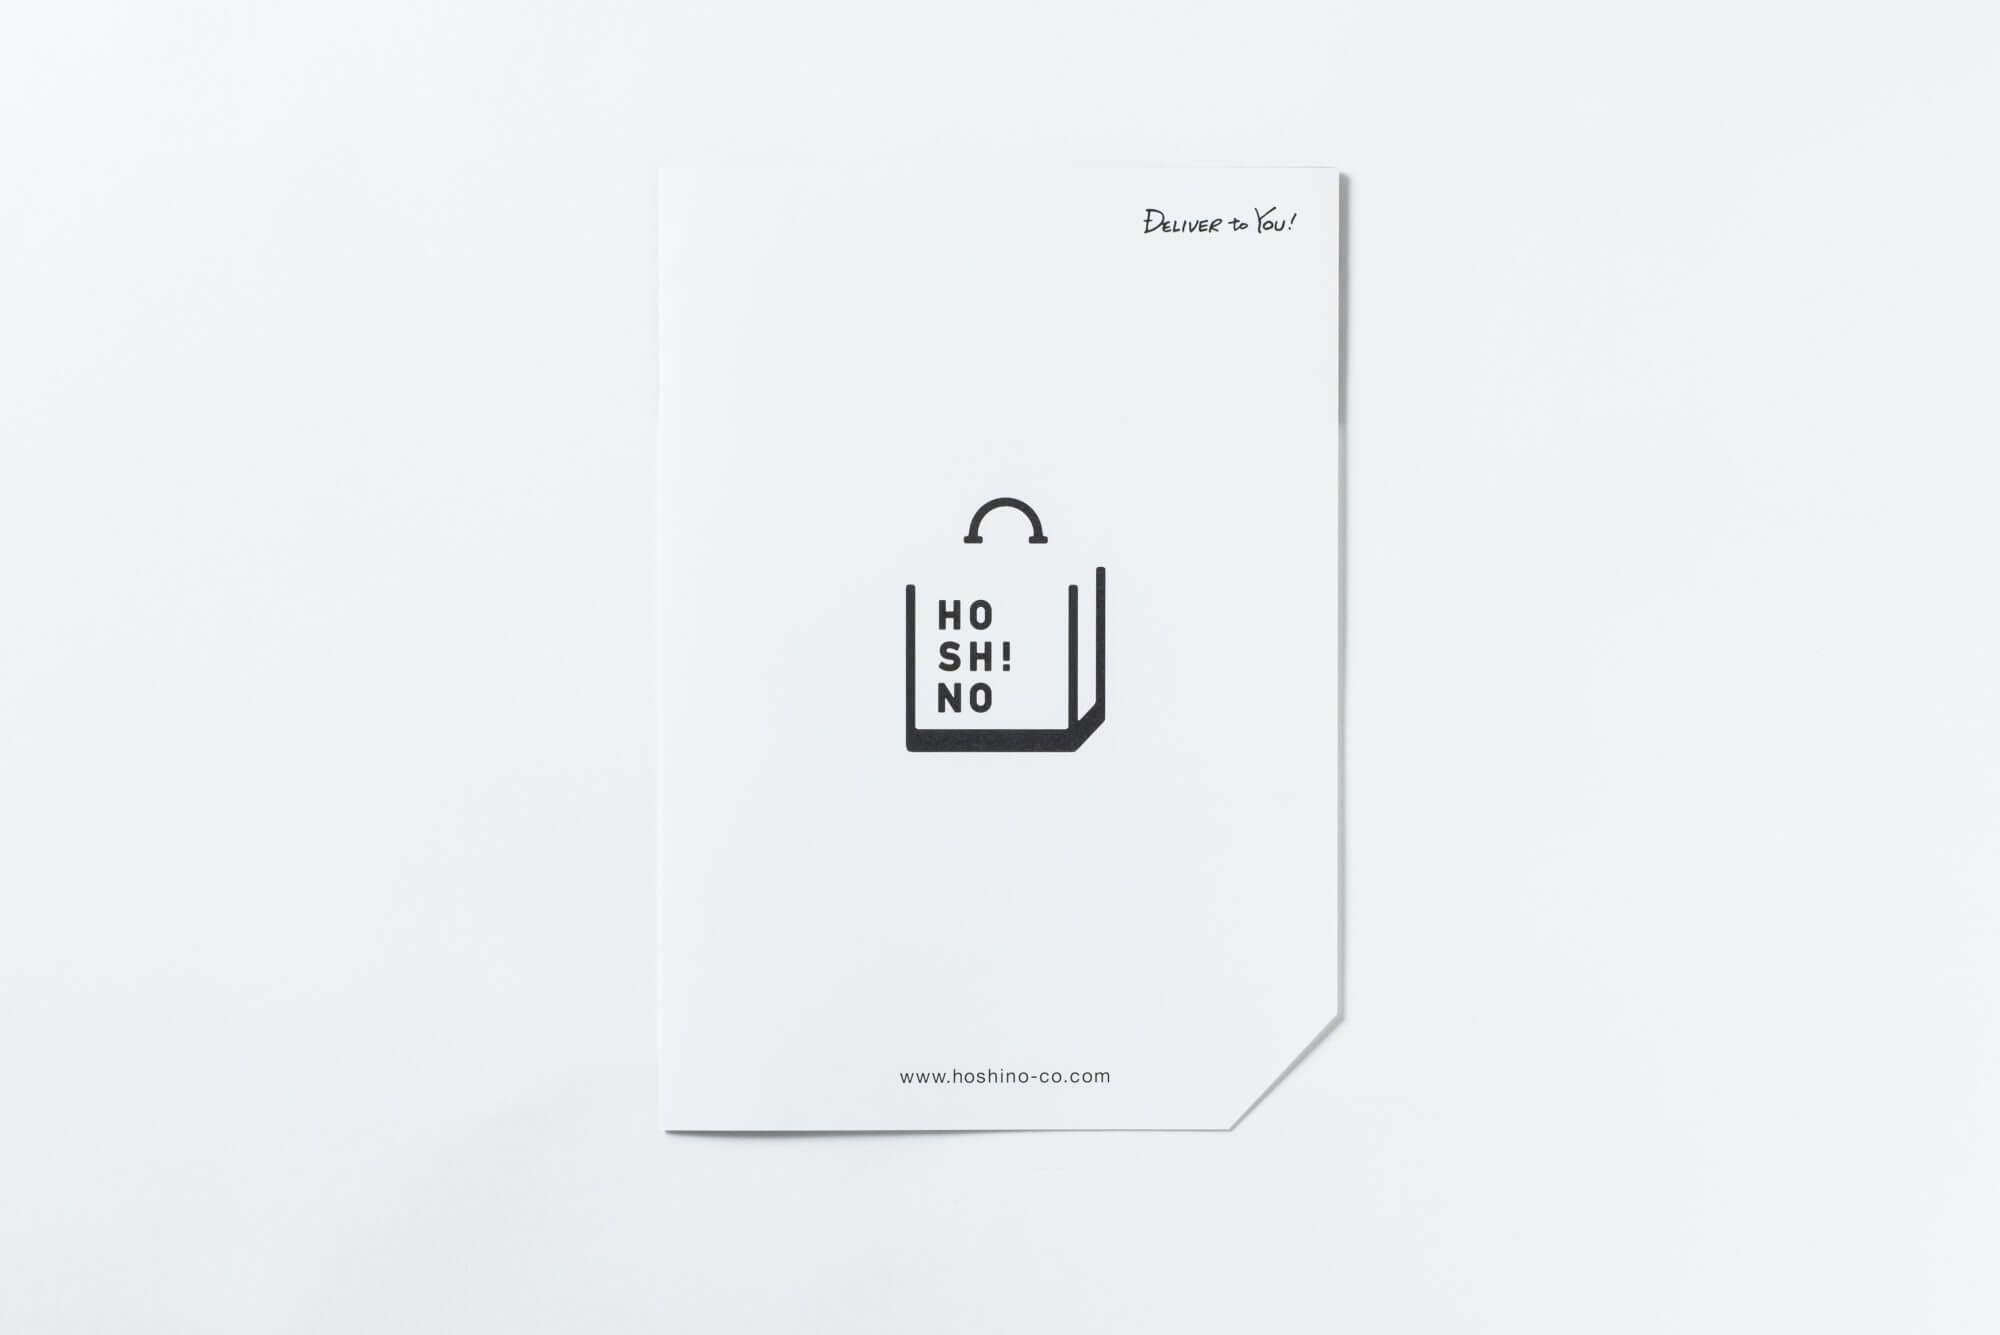 018_DSC6253